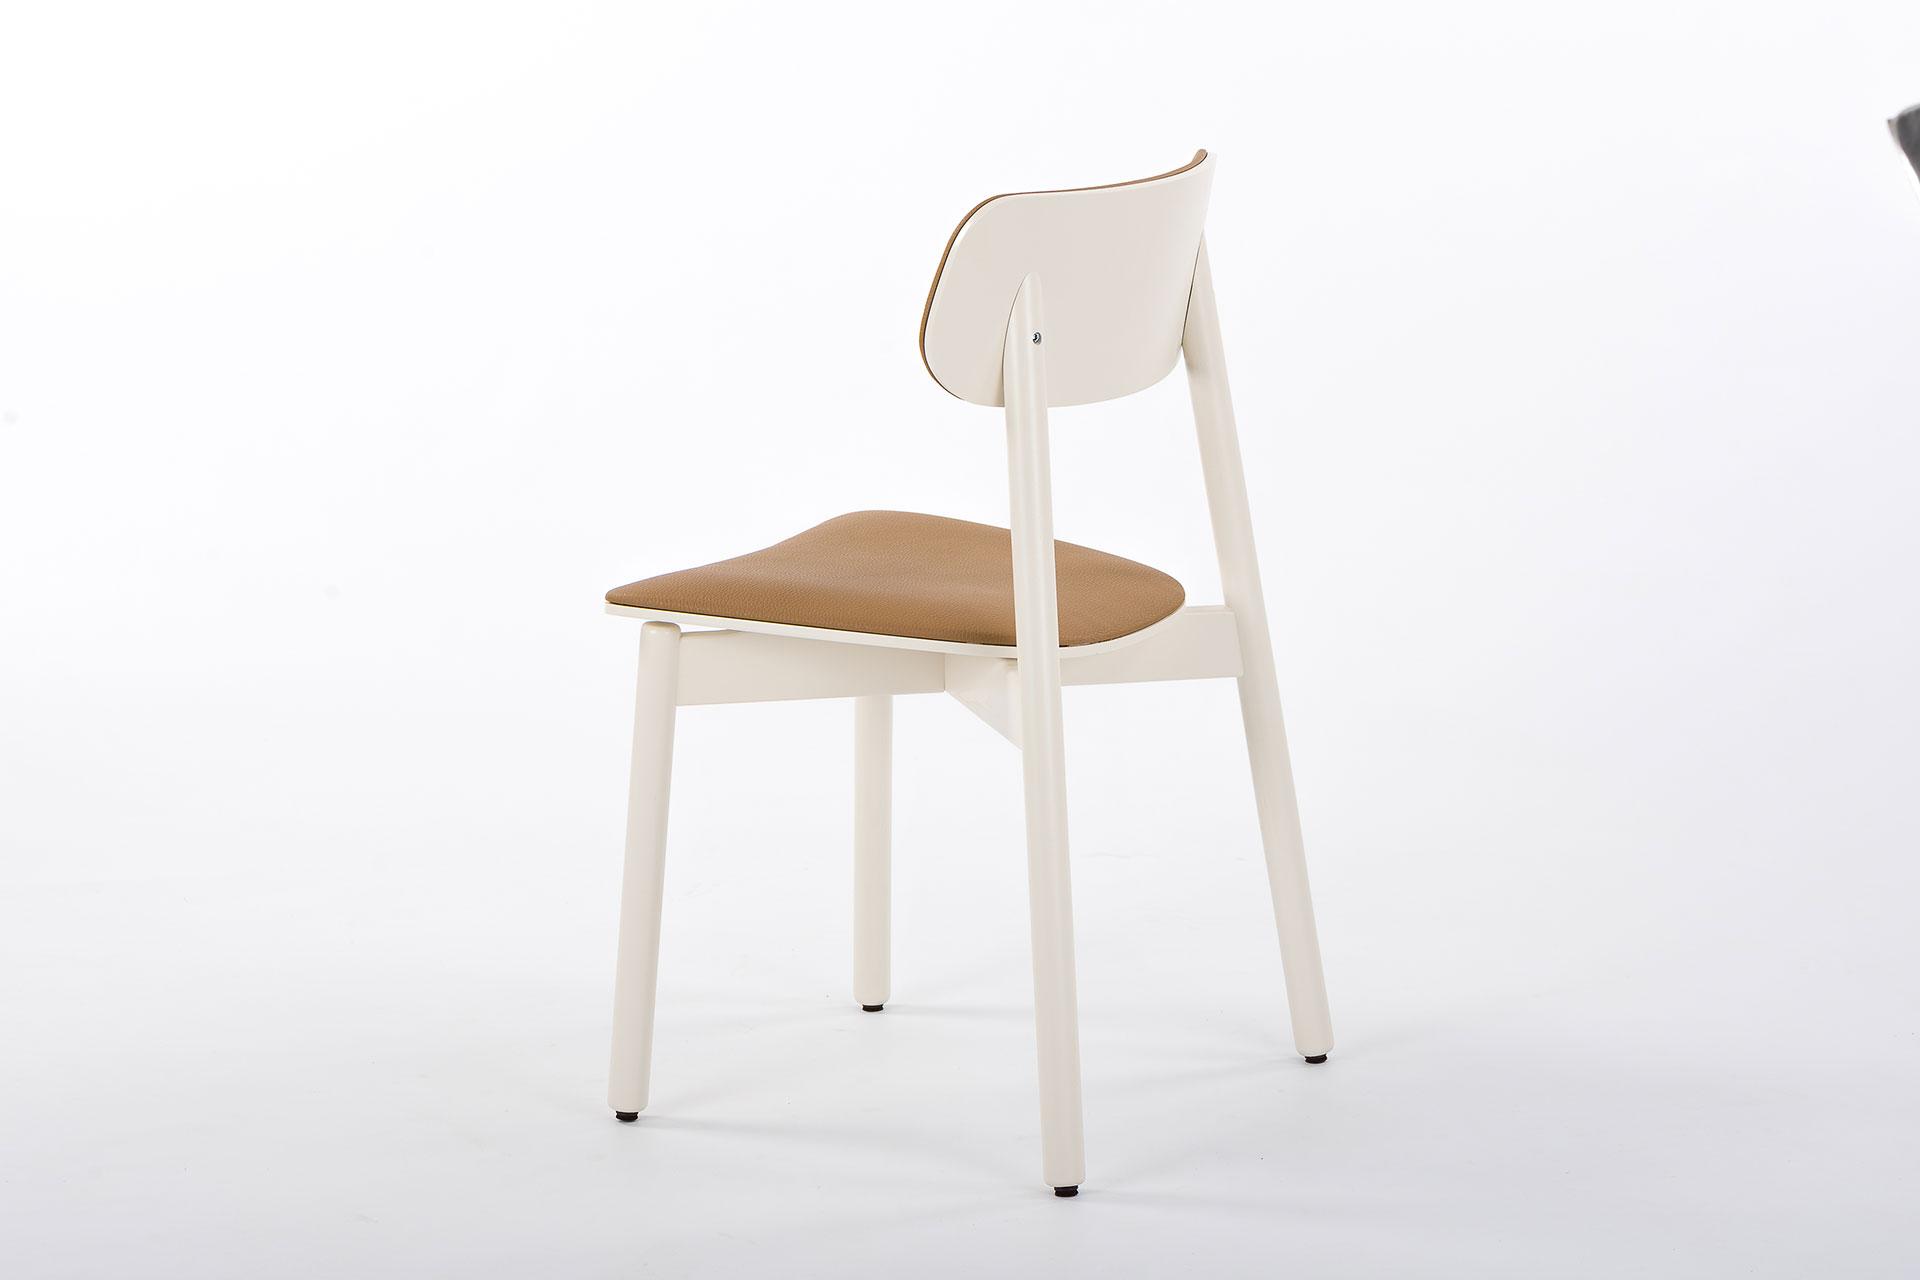 Стілець для кухні Х, дерев'яний з коричневим сидінням та спинкою і білими ніжками фото 2